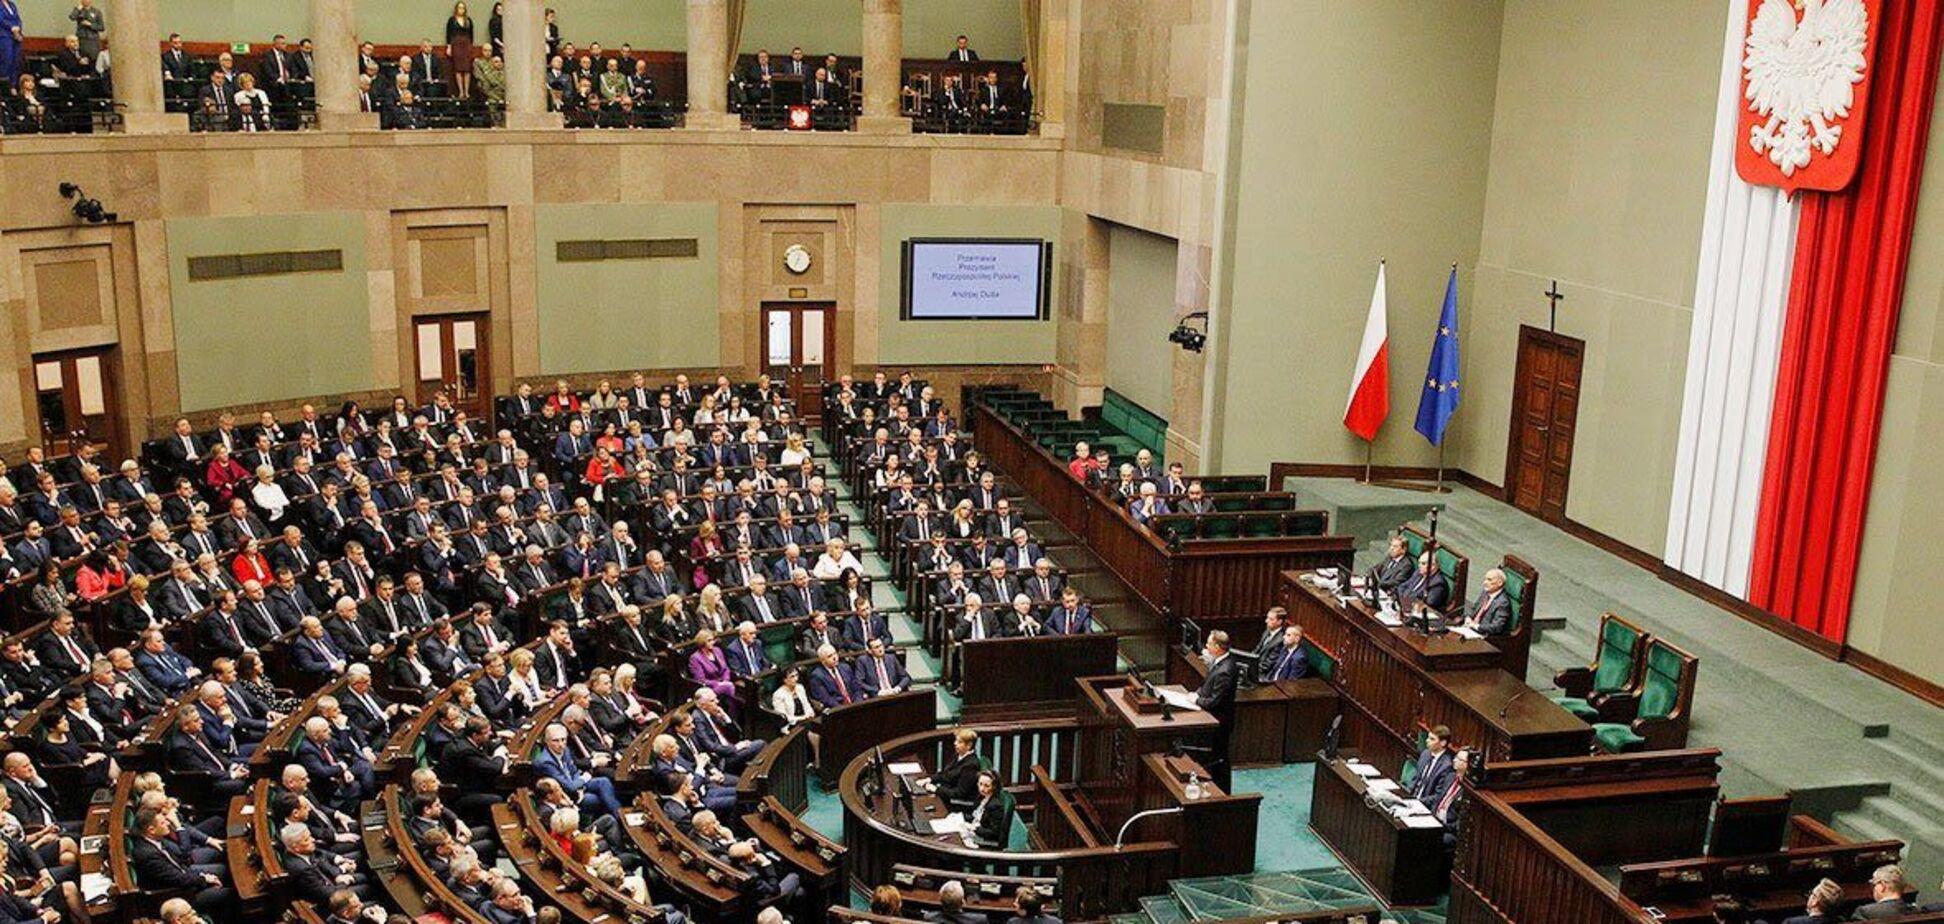 В парламентской группе Сейма Польши по поддержке 'Бабьего Яра' почтили память повстанцев в Варшавском гетто